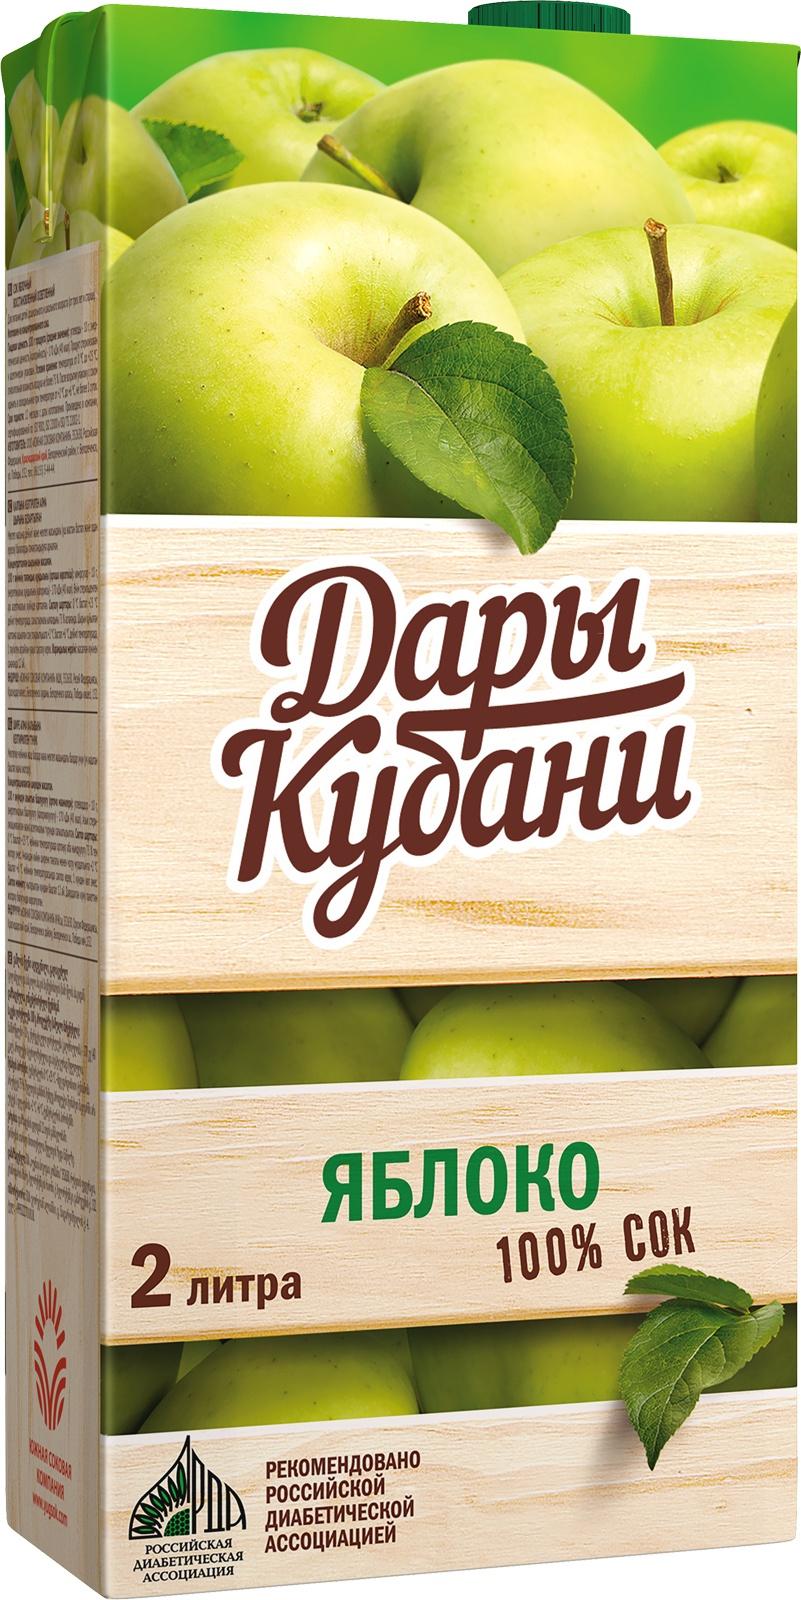 Сок Дары Кубани яблочный восстановленный осветленный 2 л авиалинии кубани сайт